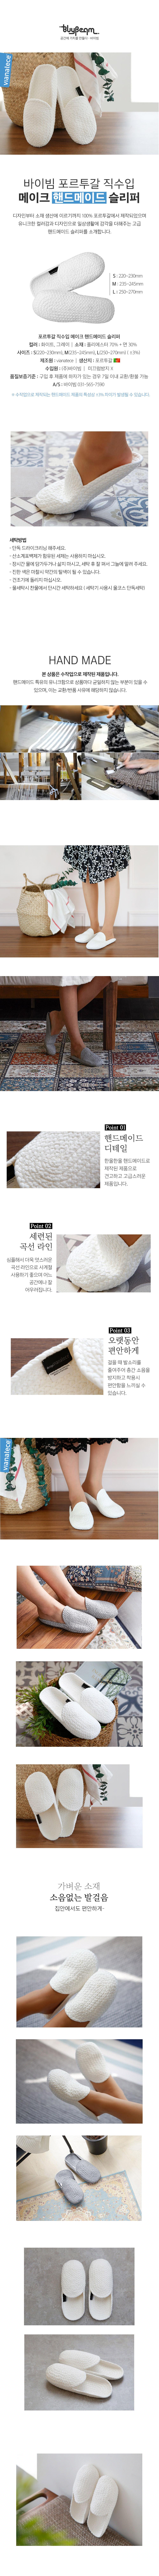 메이크 핸드메이드 슬리퍼 - 바이빔, 44,000원, 슬리퍼/거실화, 덮개형